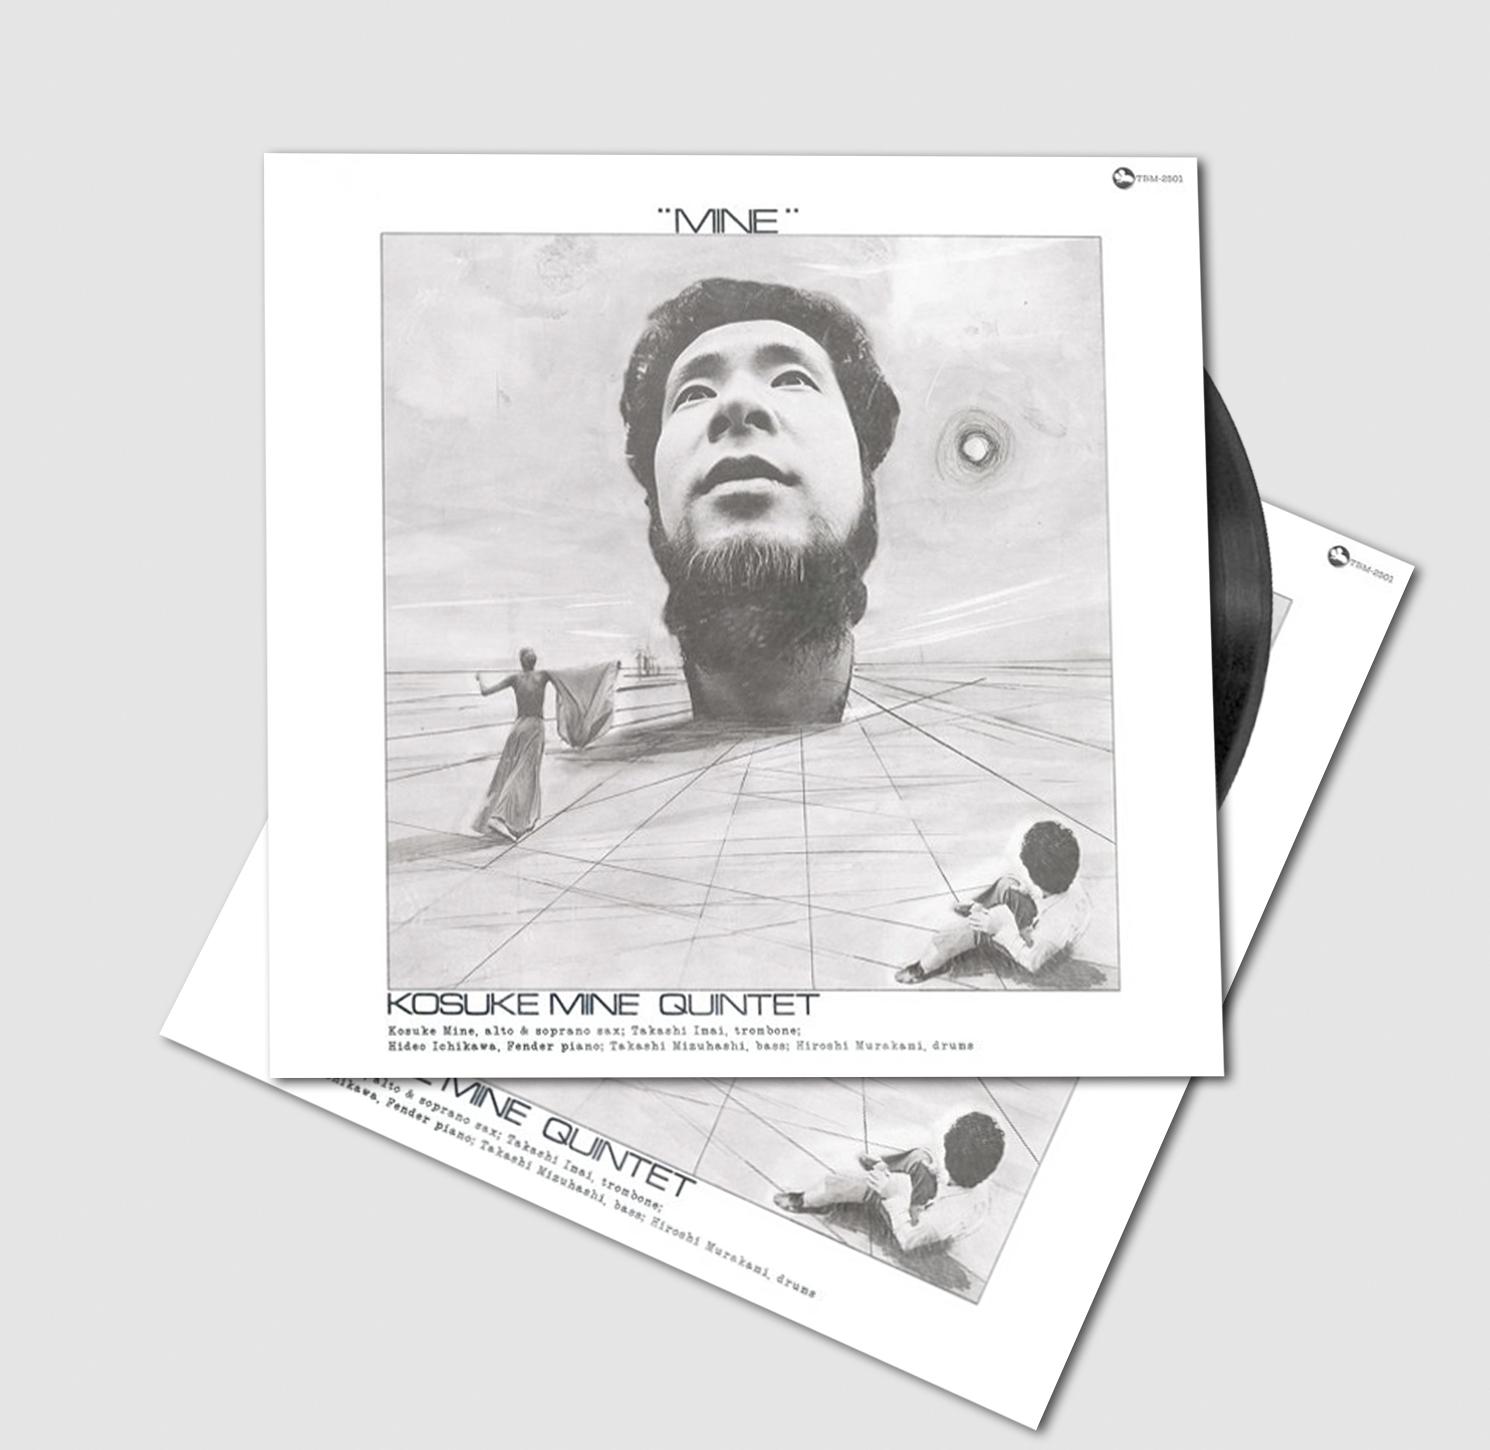 Дебютный релиз реформаторов японского джаза Kosuke Mine Quintet «Mine» получил новую жизнь 1